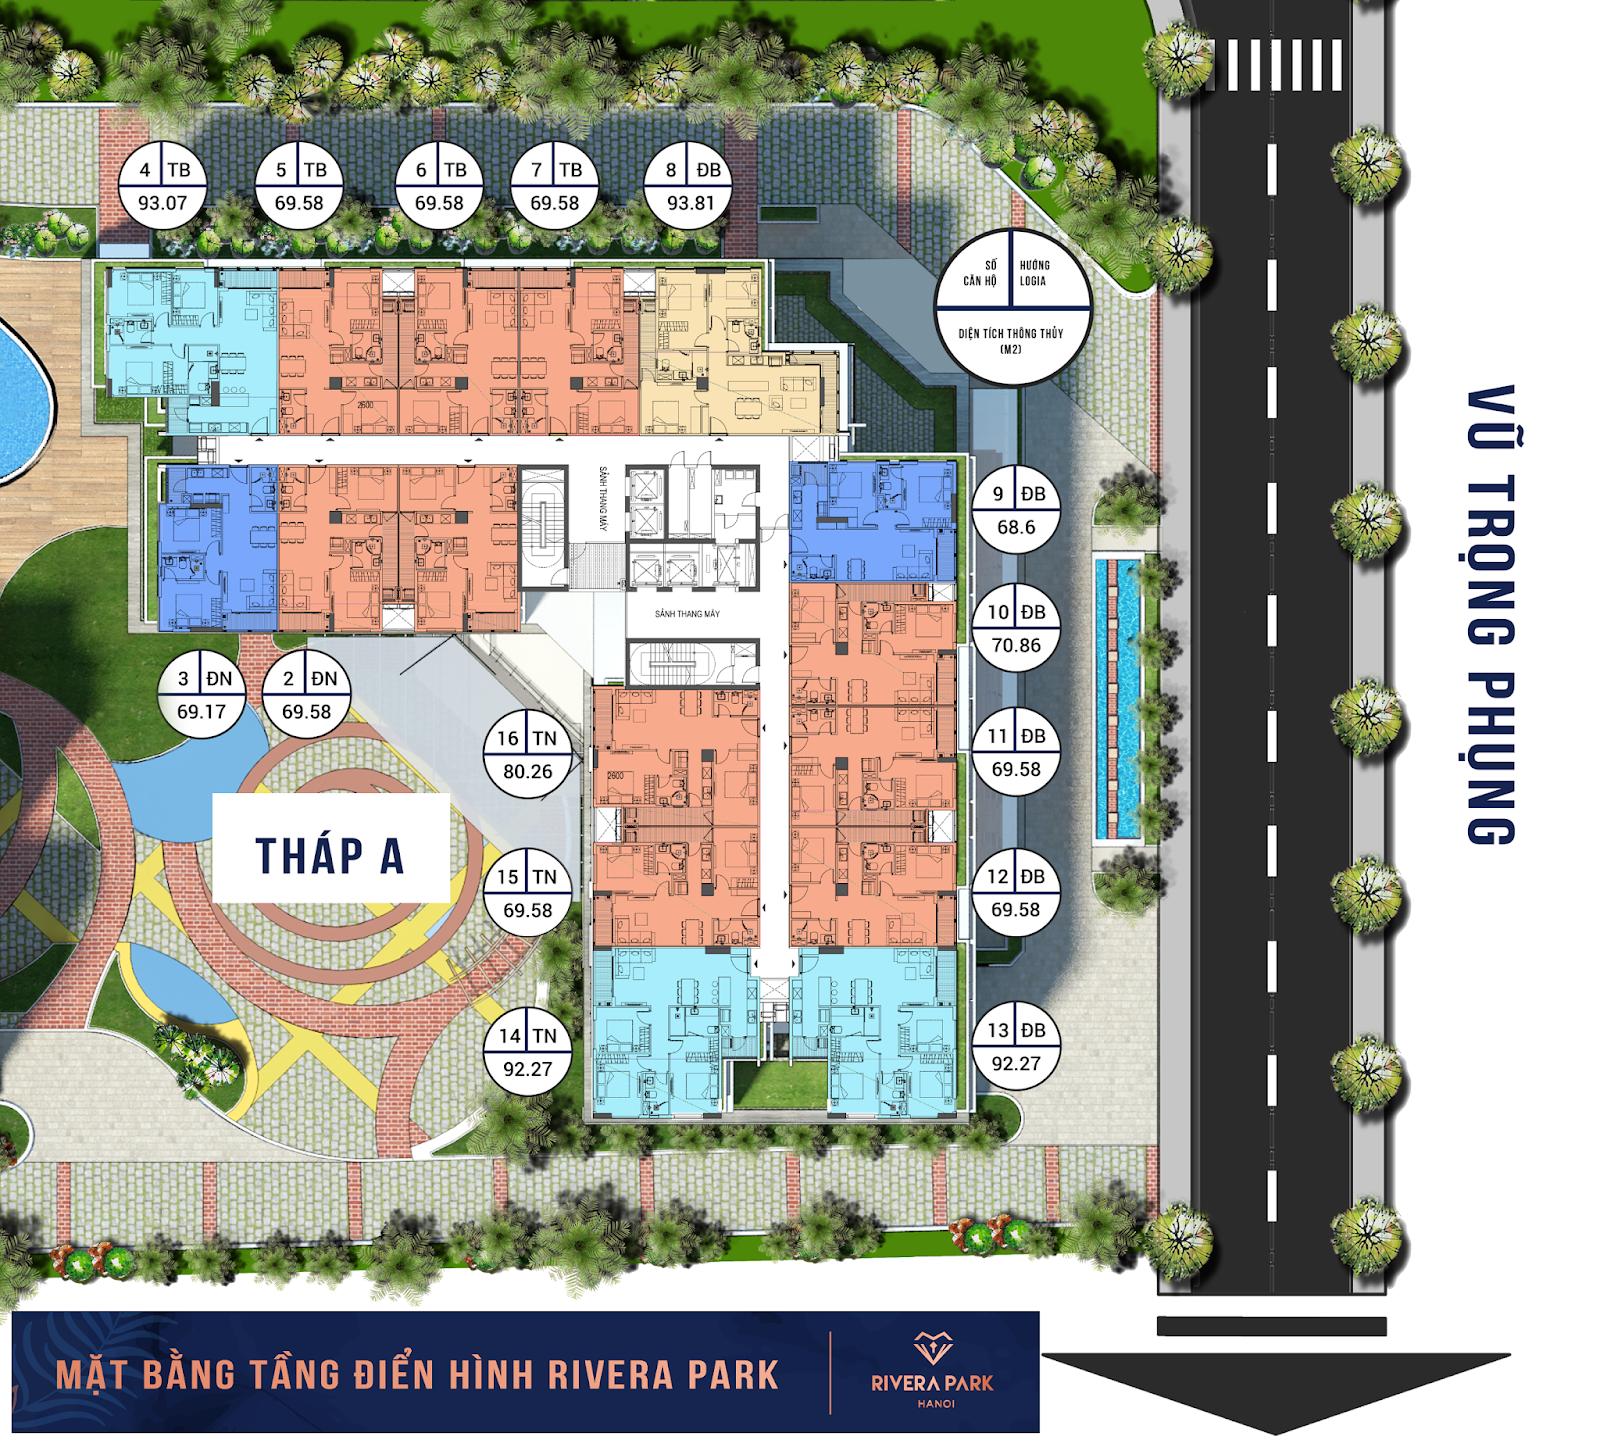 Hình ảnh Mặt bằng căn hộ Rivera Park Hà Nội Tháp A | Xem Thiết kế 3D